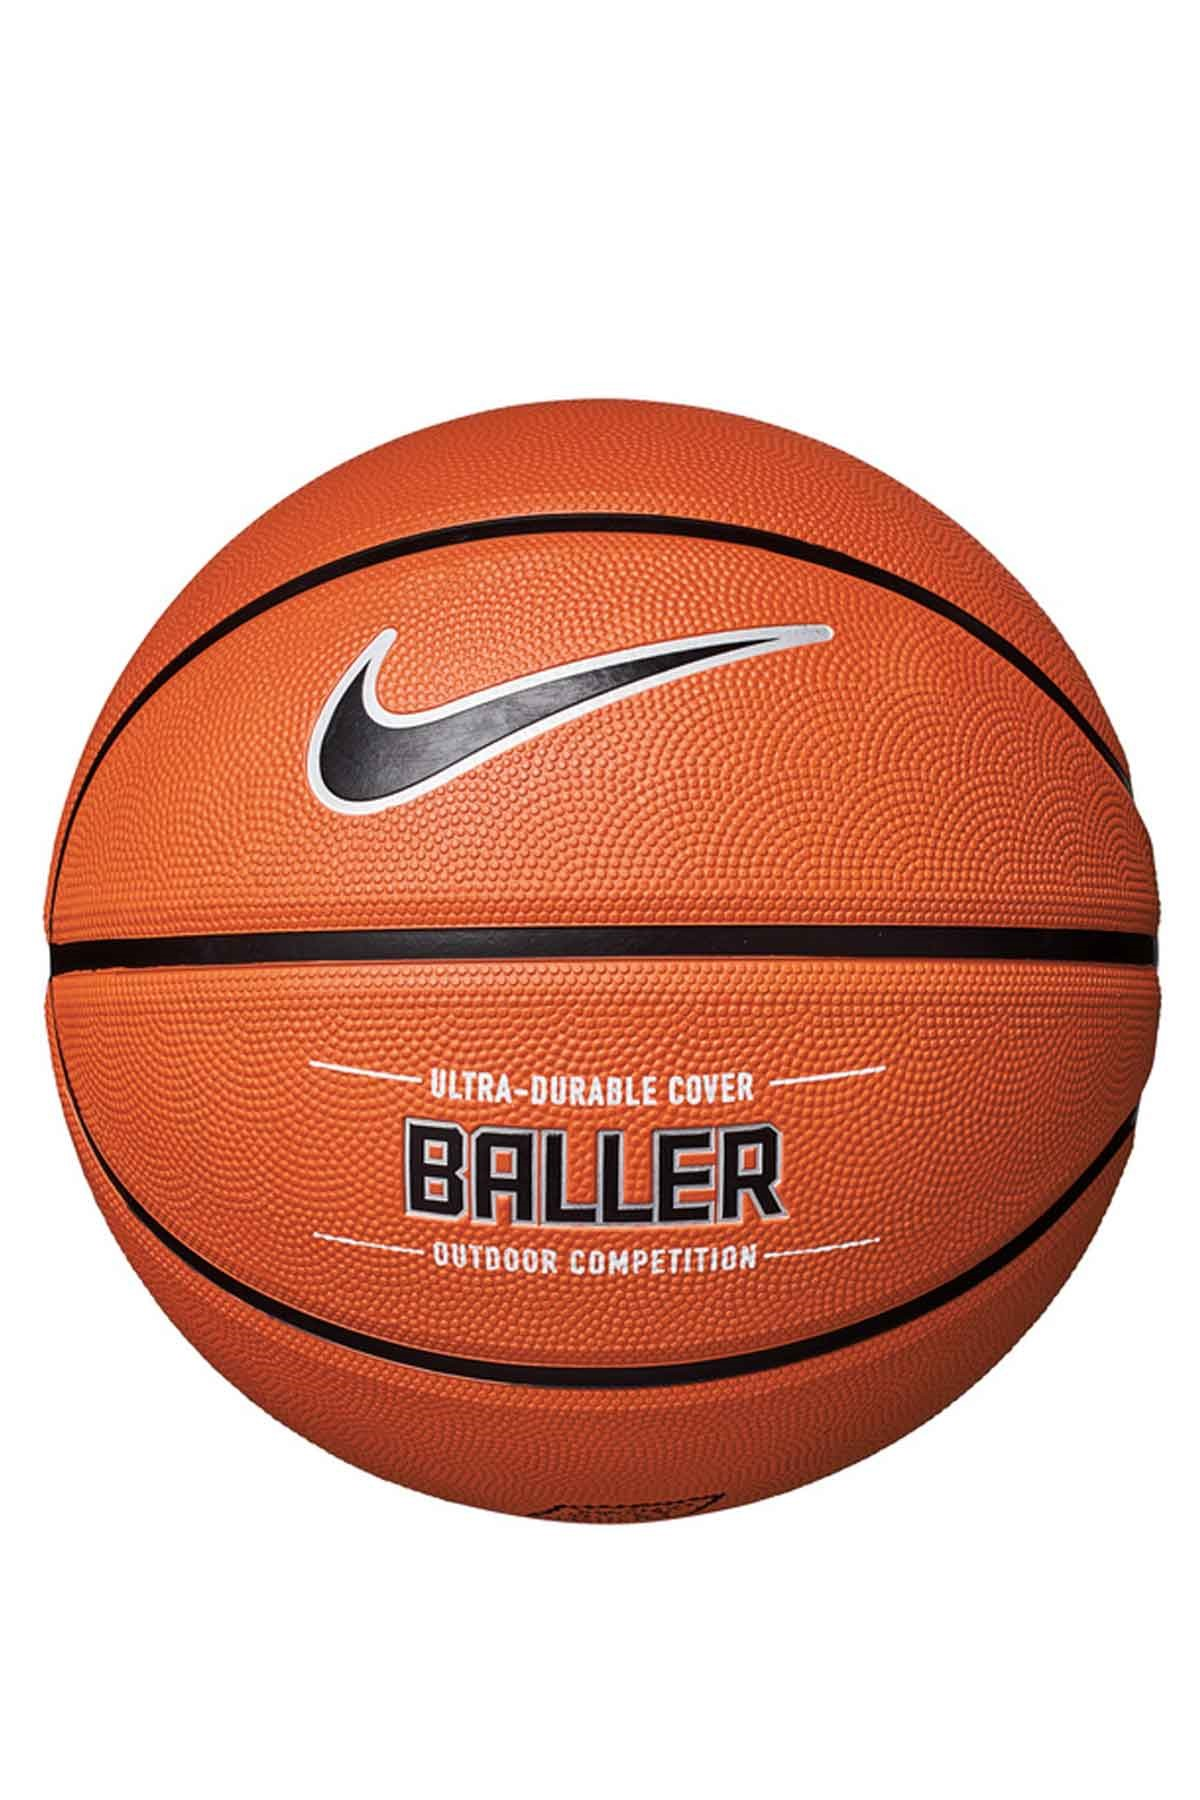 Nike Baller 8P 07 Baksetbol Topu